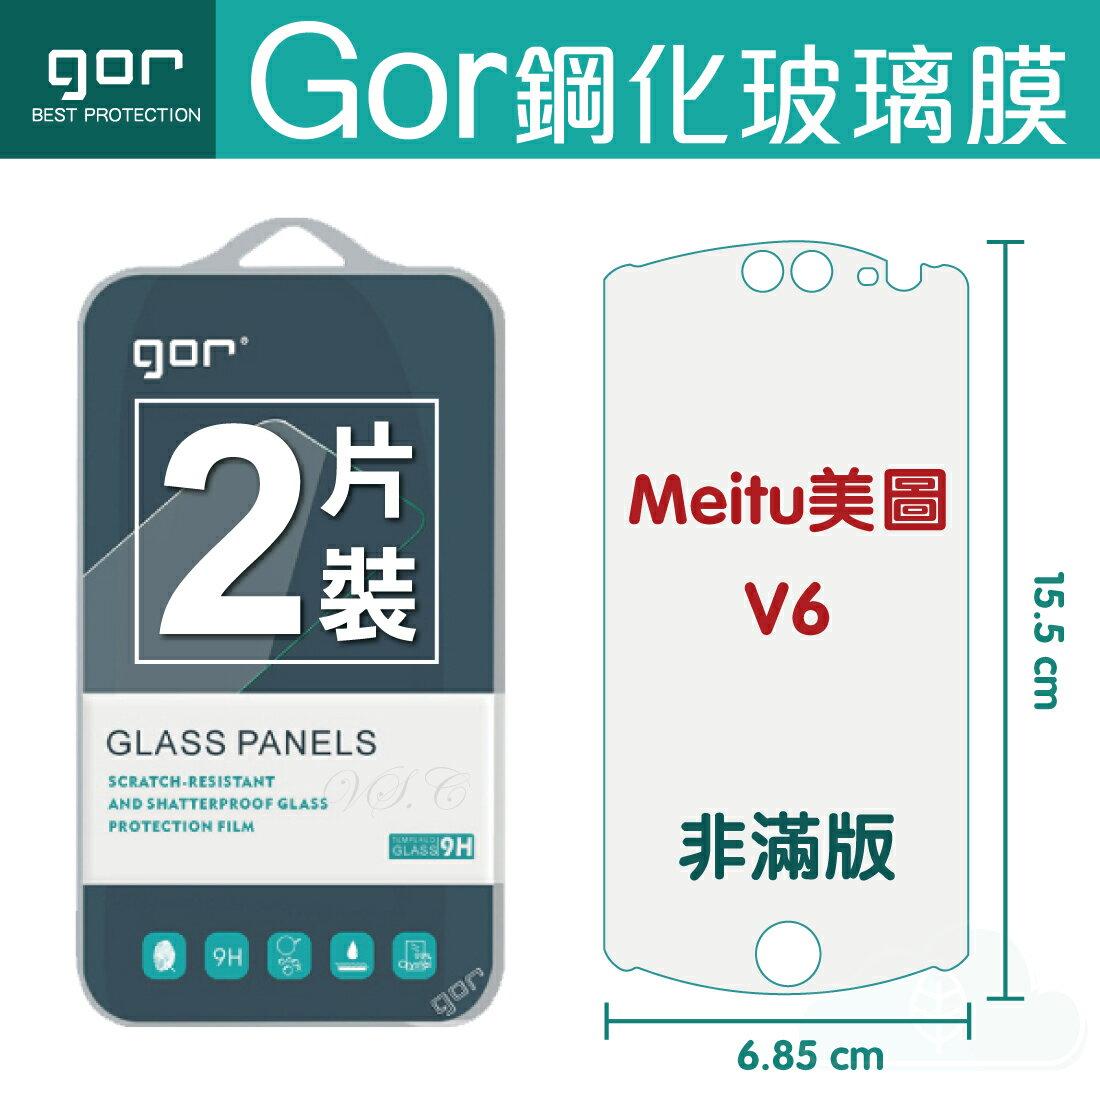 【Meitu美圖】GOR 9H Meitu美圖 V6  鋼化 玻璃 保護貼 全透明非滿版 兩片裝【全館滿299免運費】 0